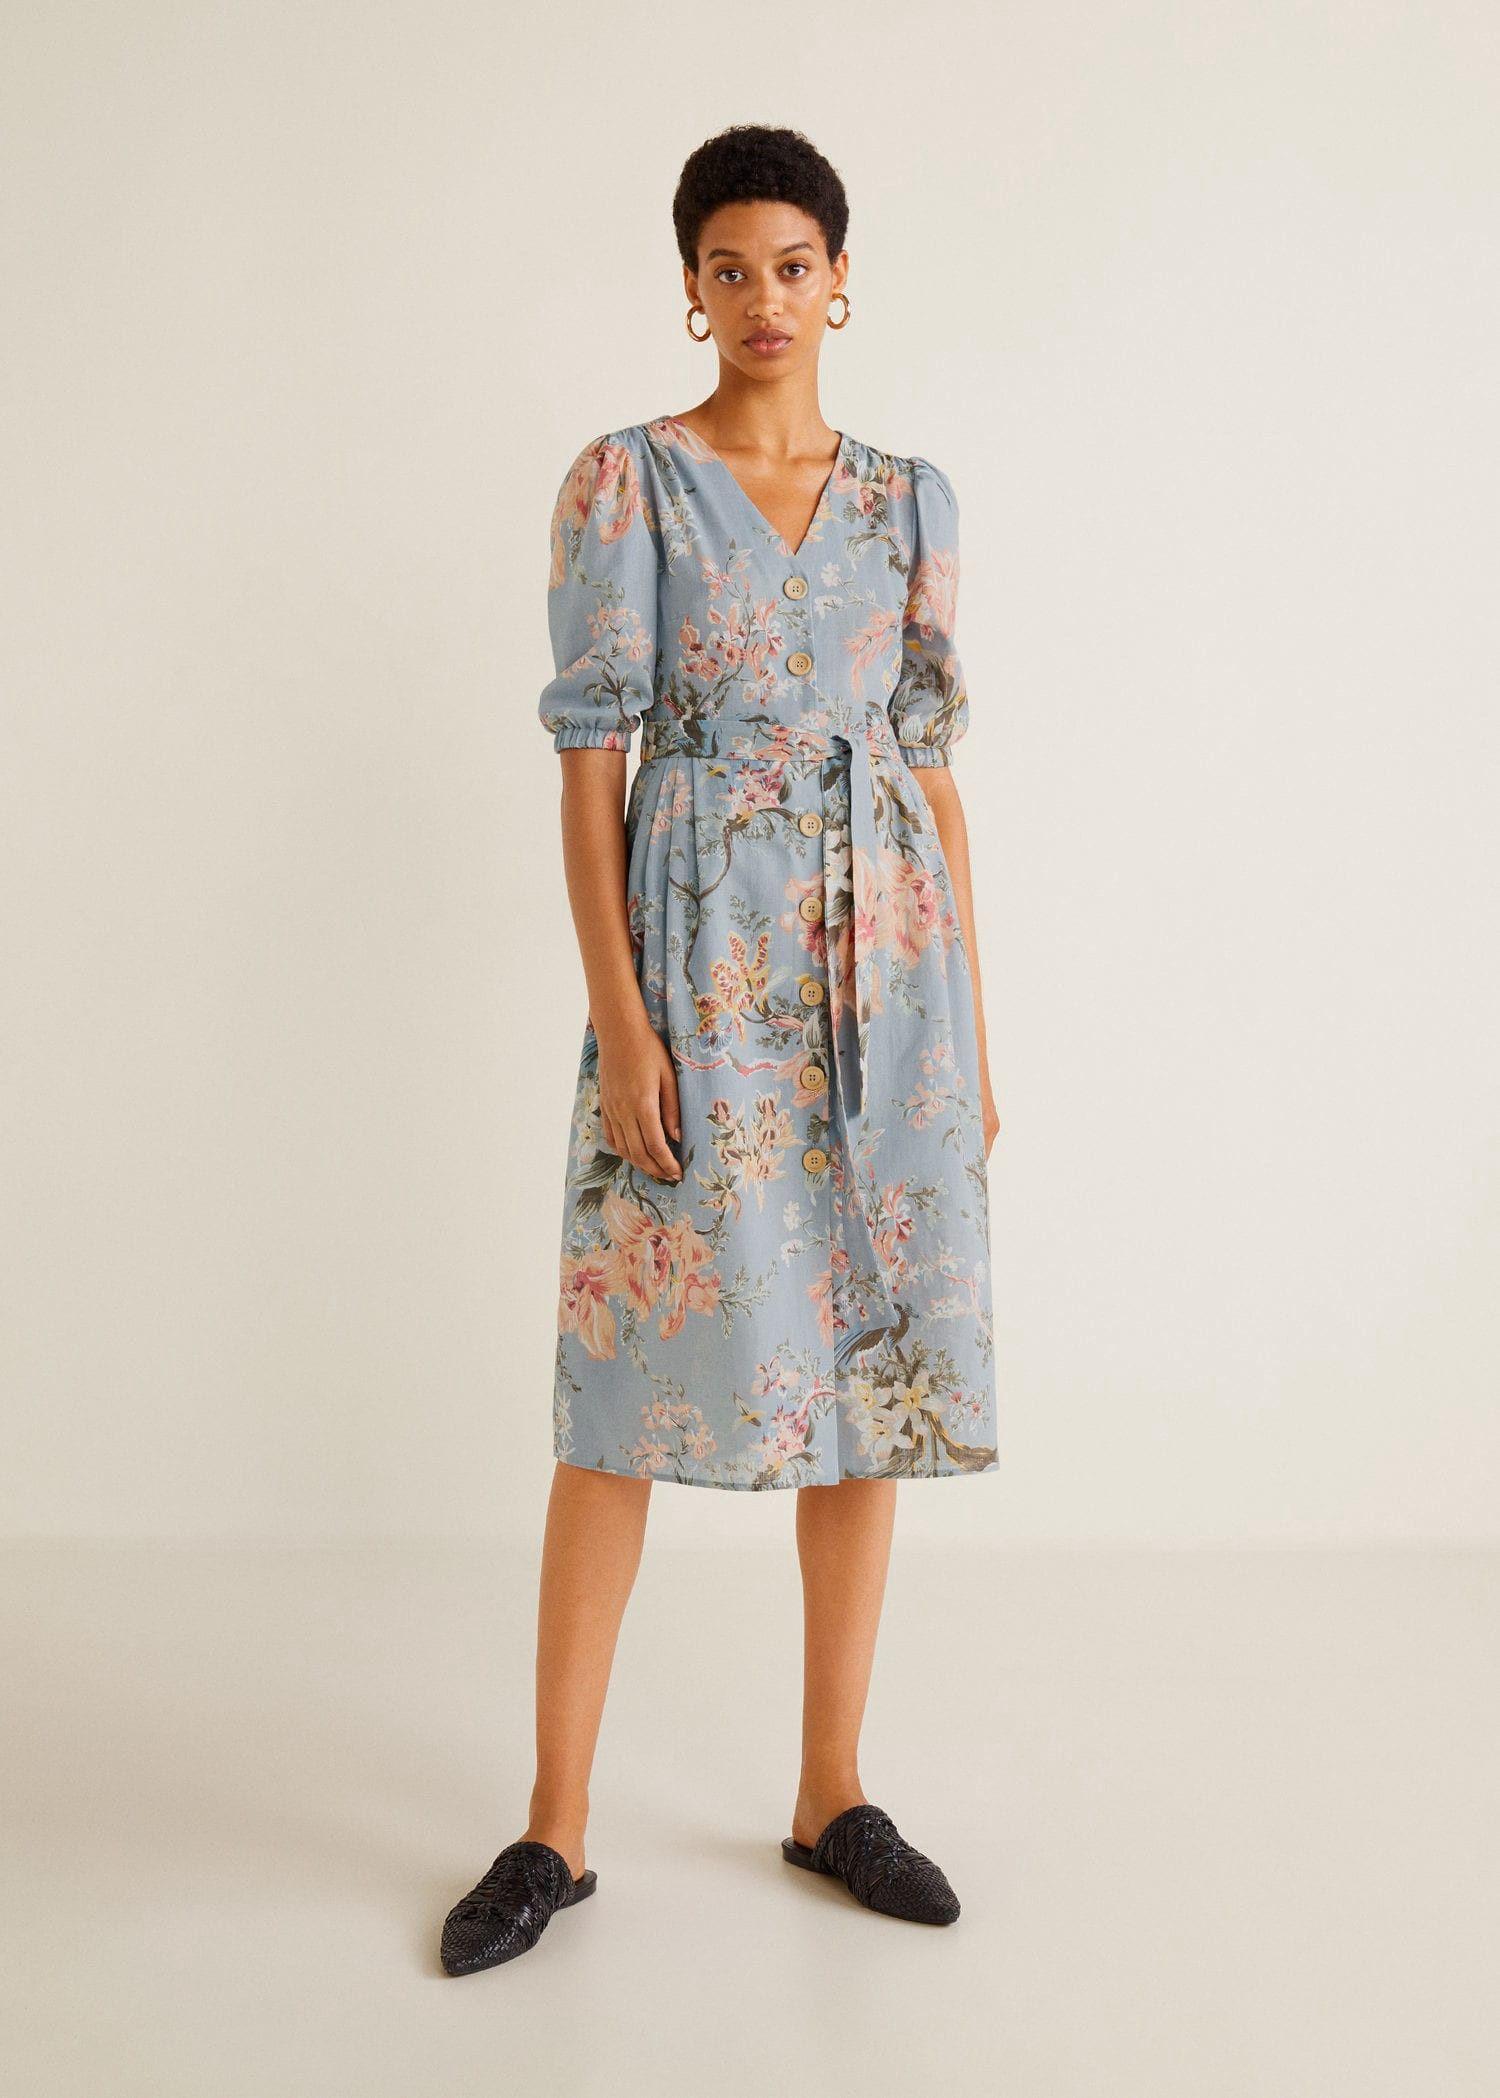 6efcf1ba4e7 Mango Floral Linen-Blend Dress - 2